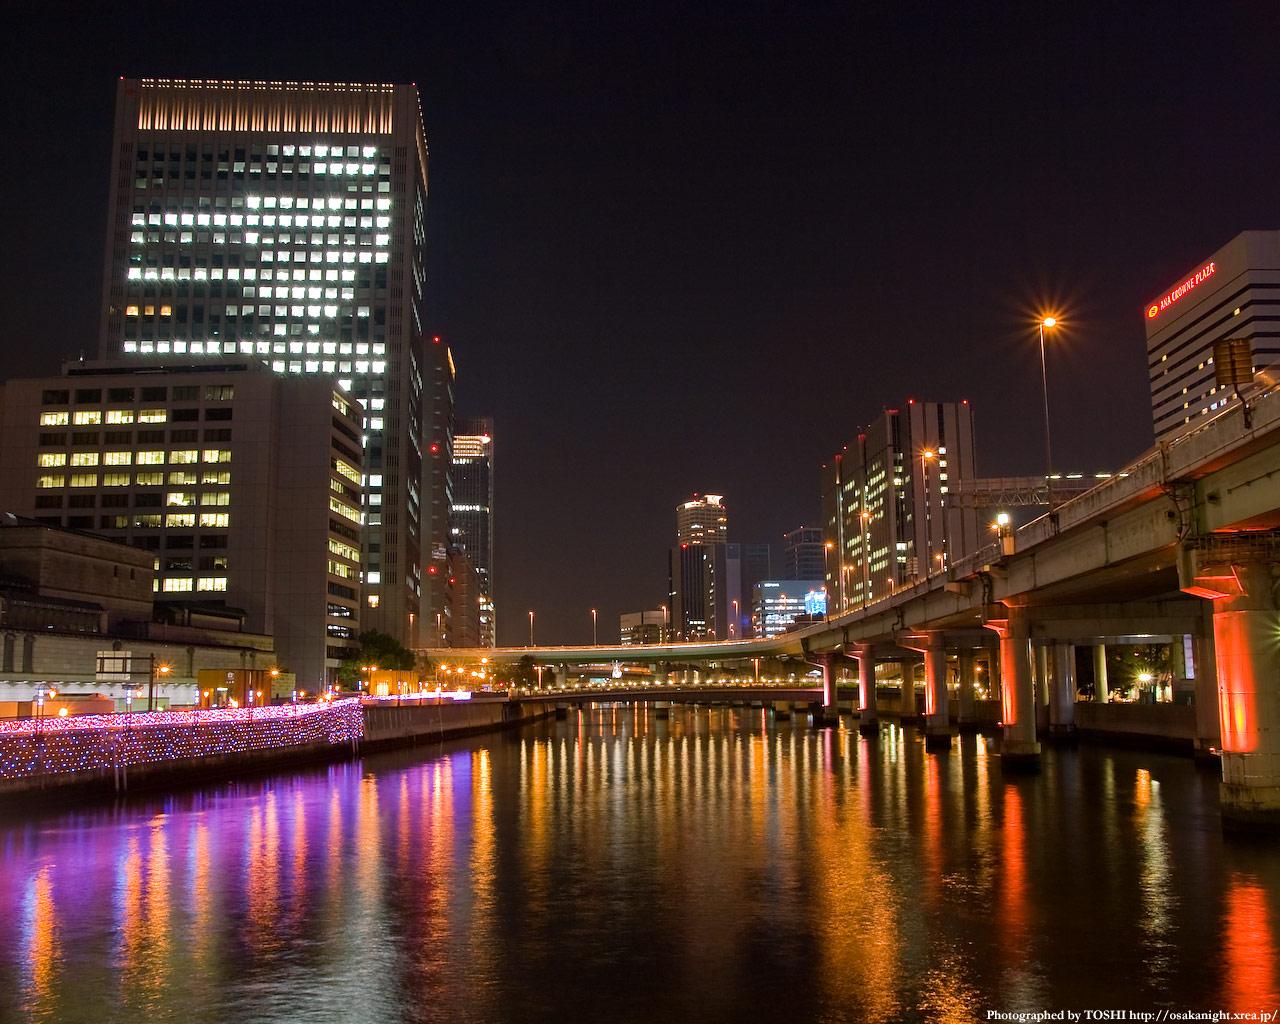 堂島川を照らす街河灯